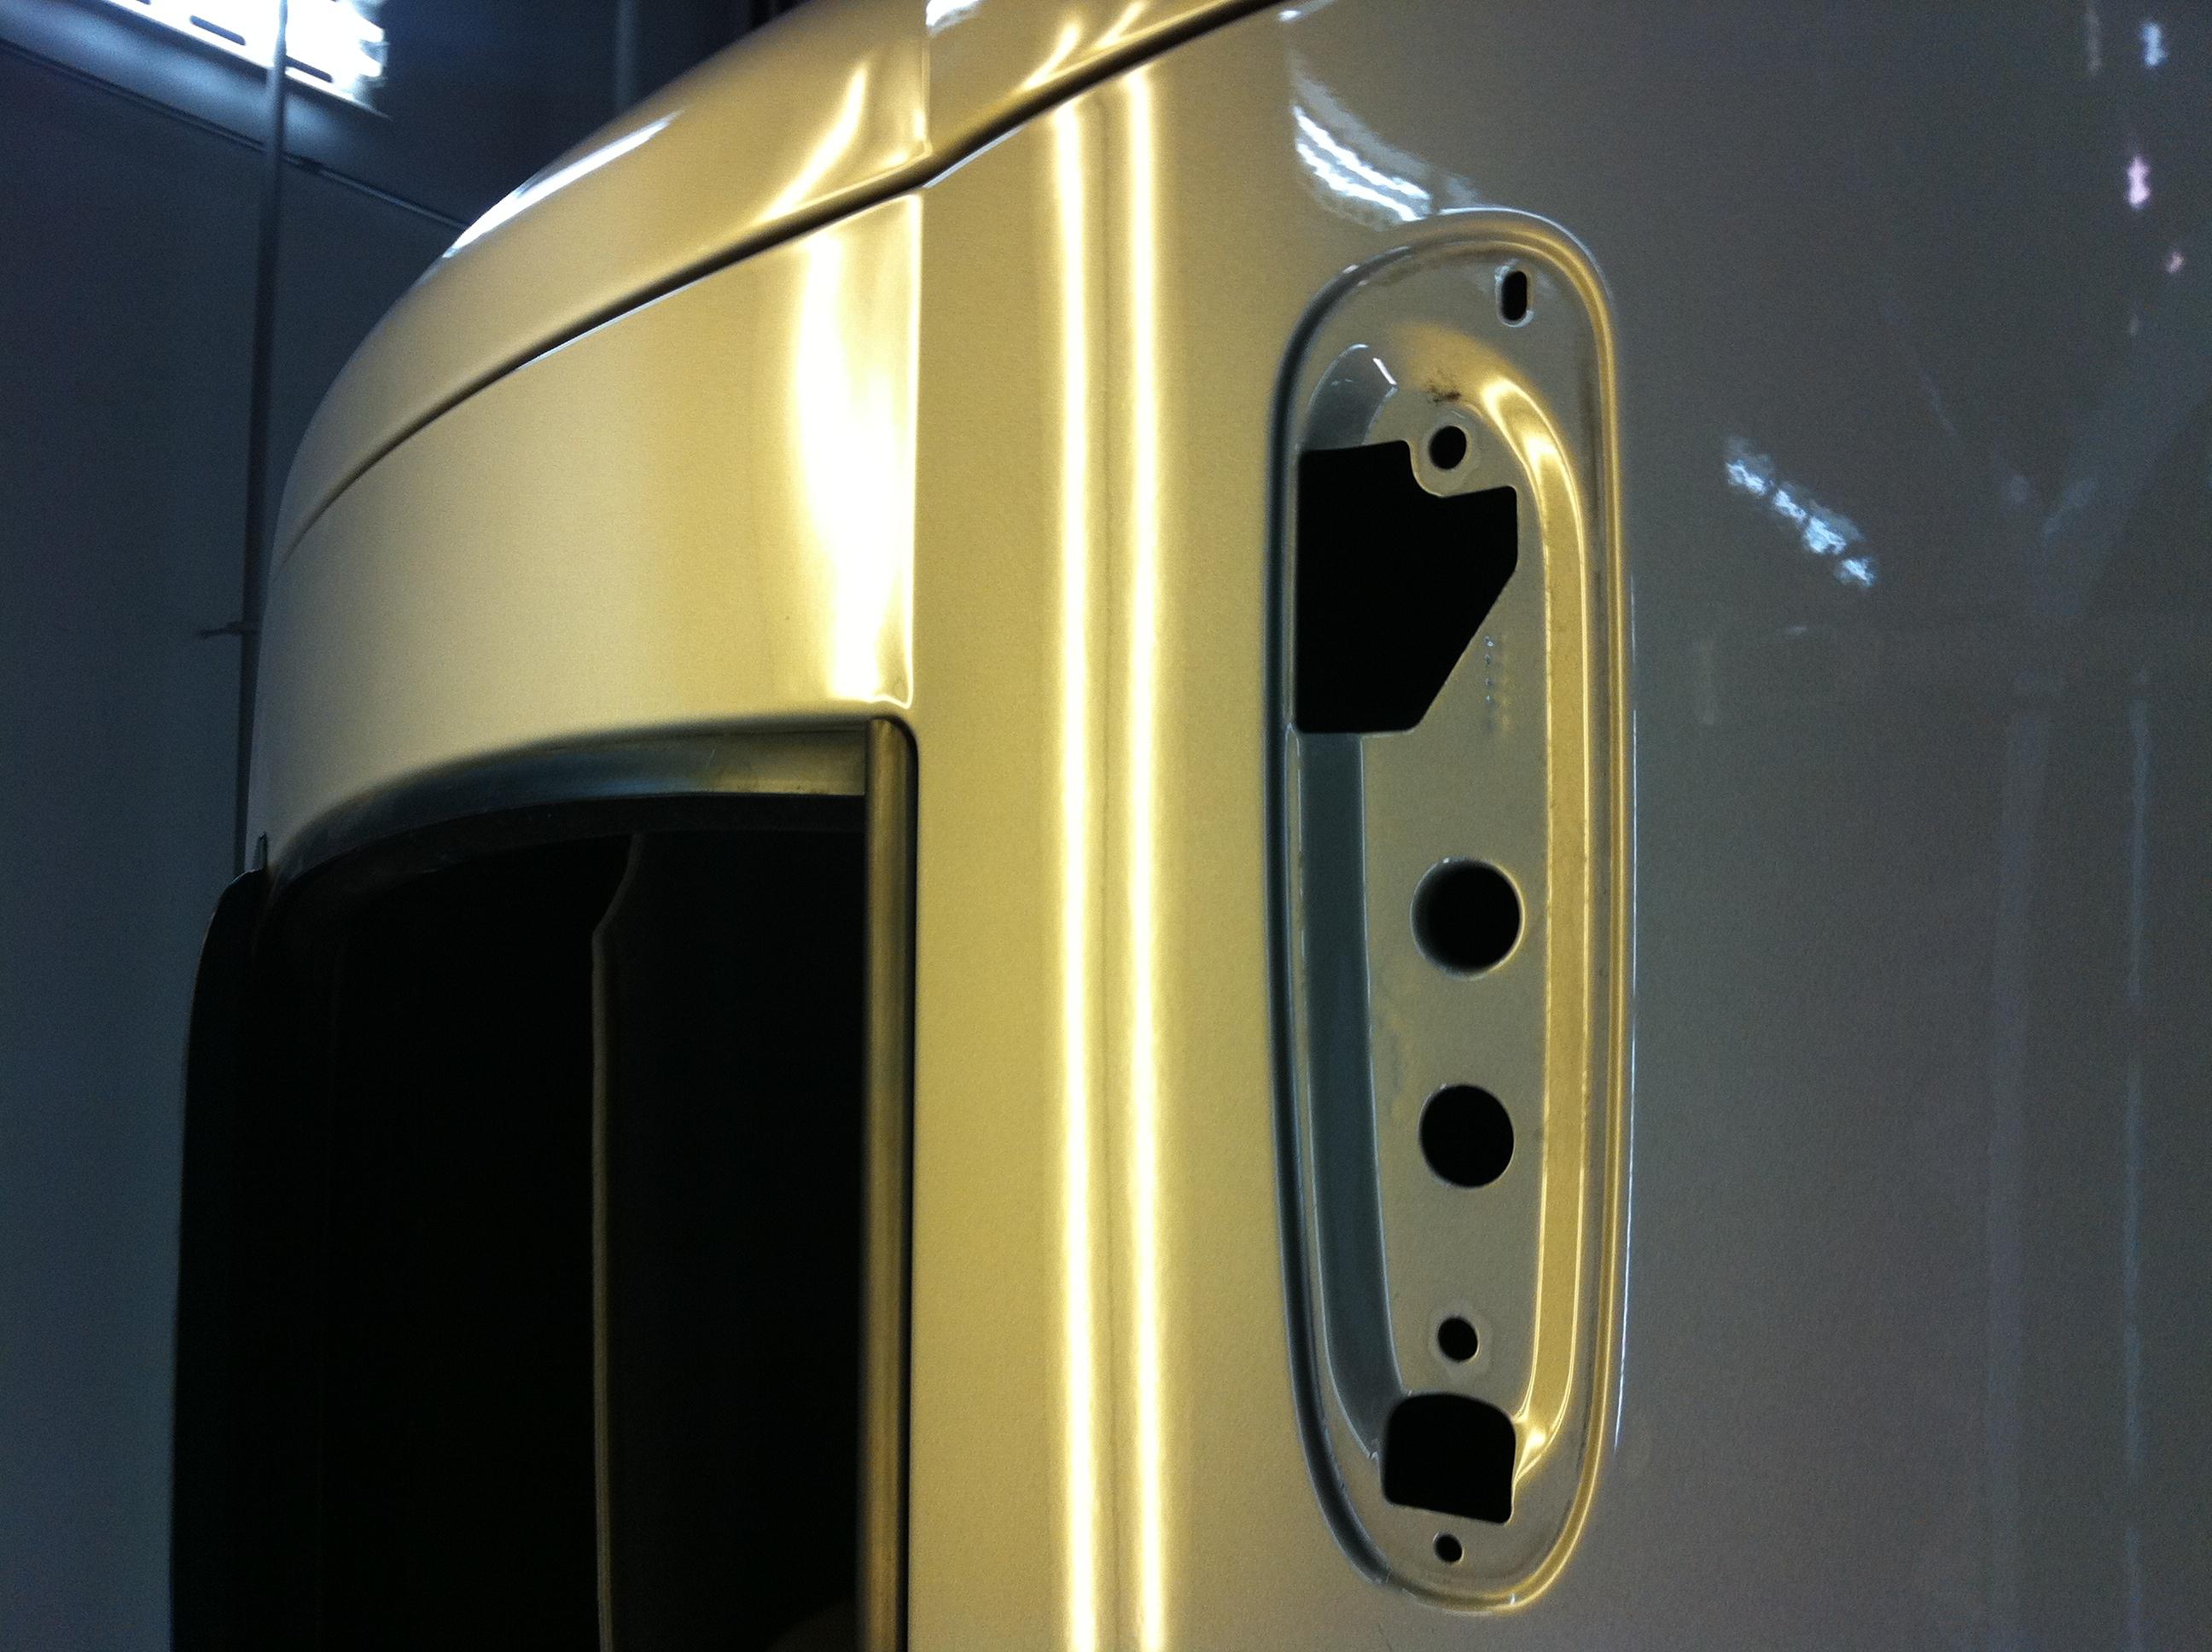 Door Dents on Truck Door/ After